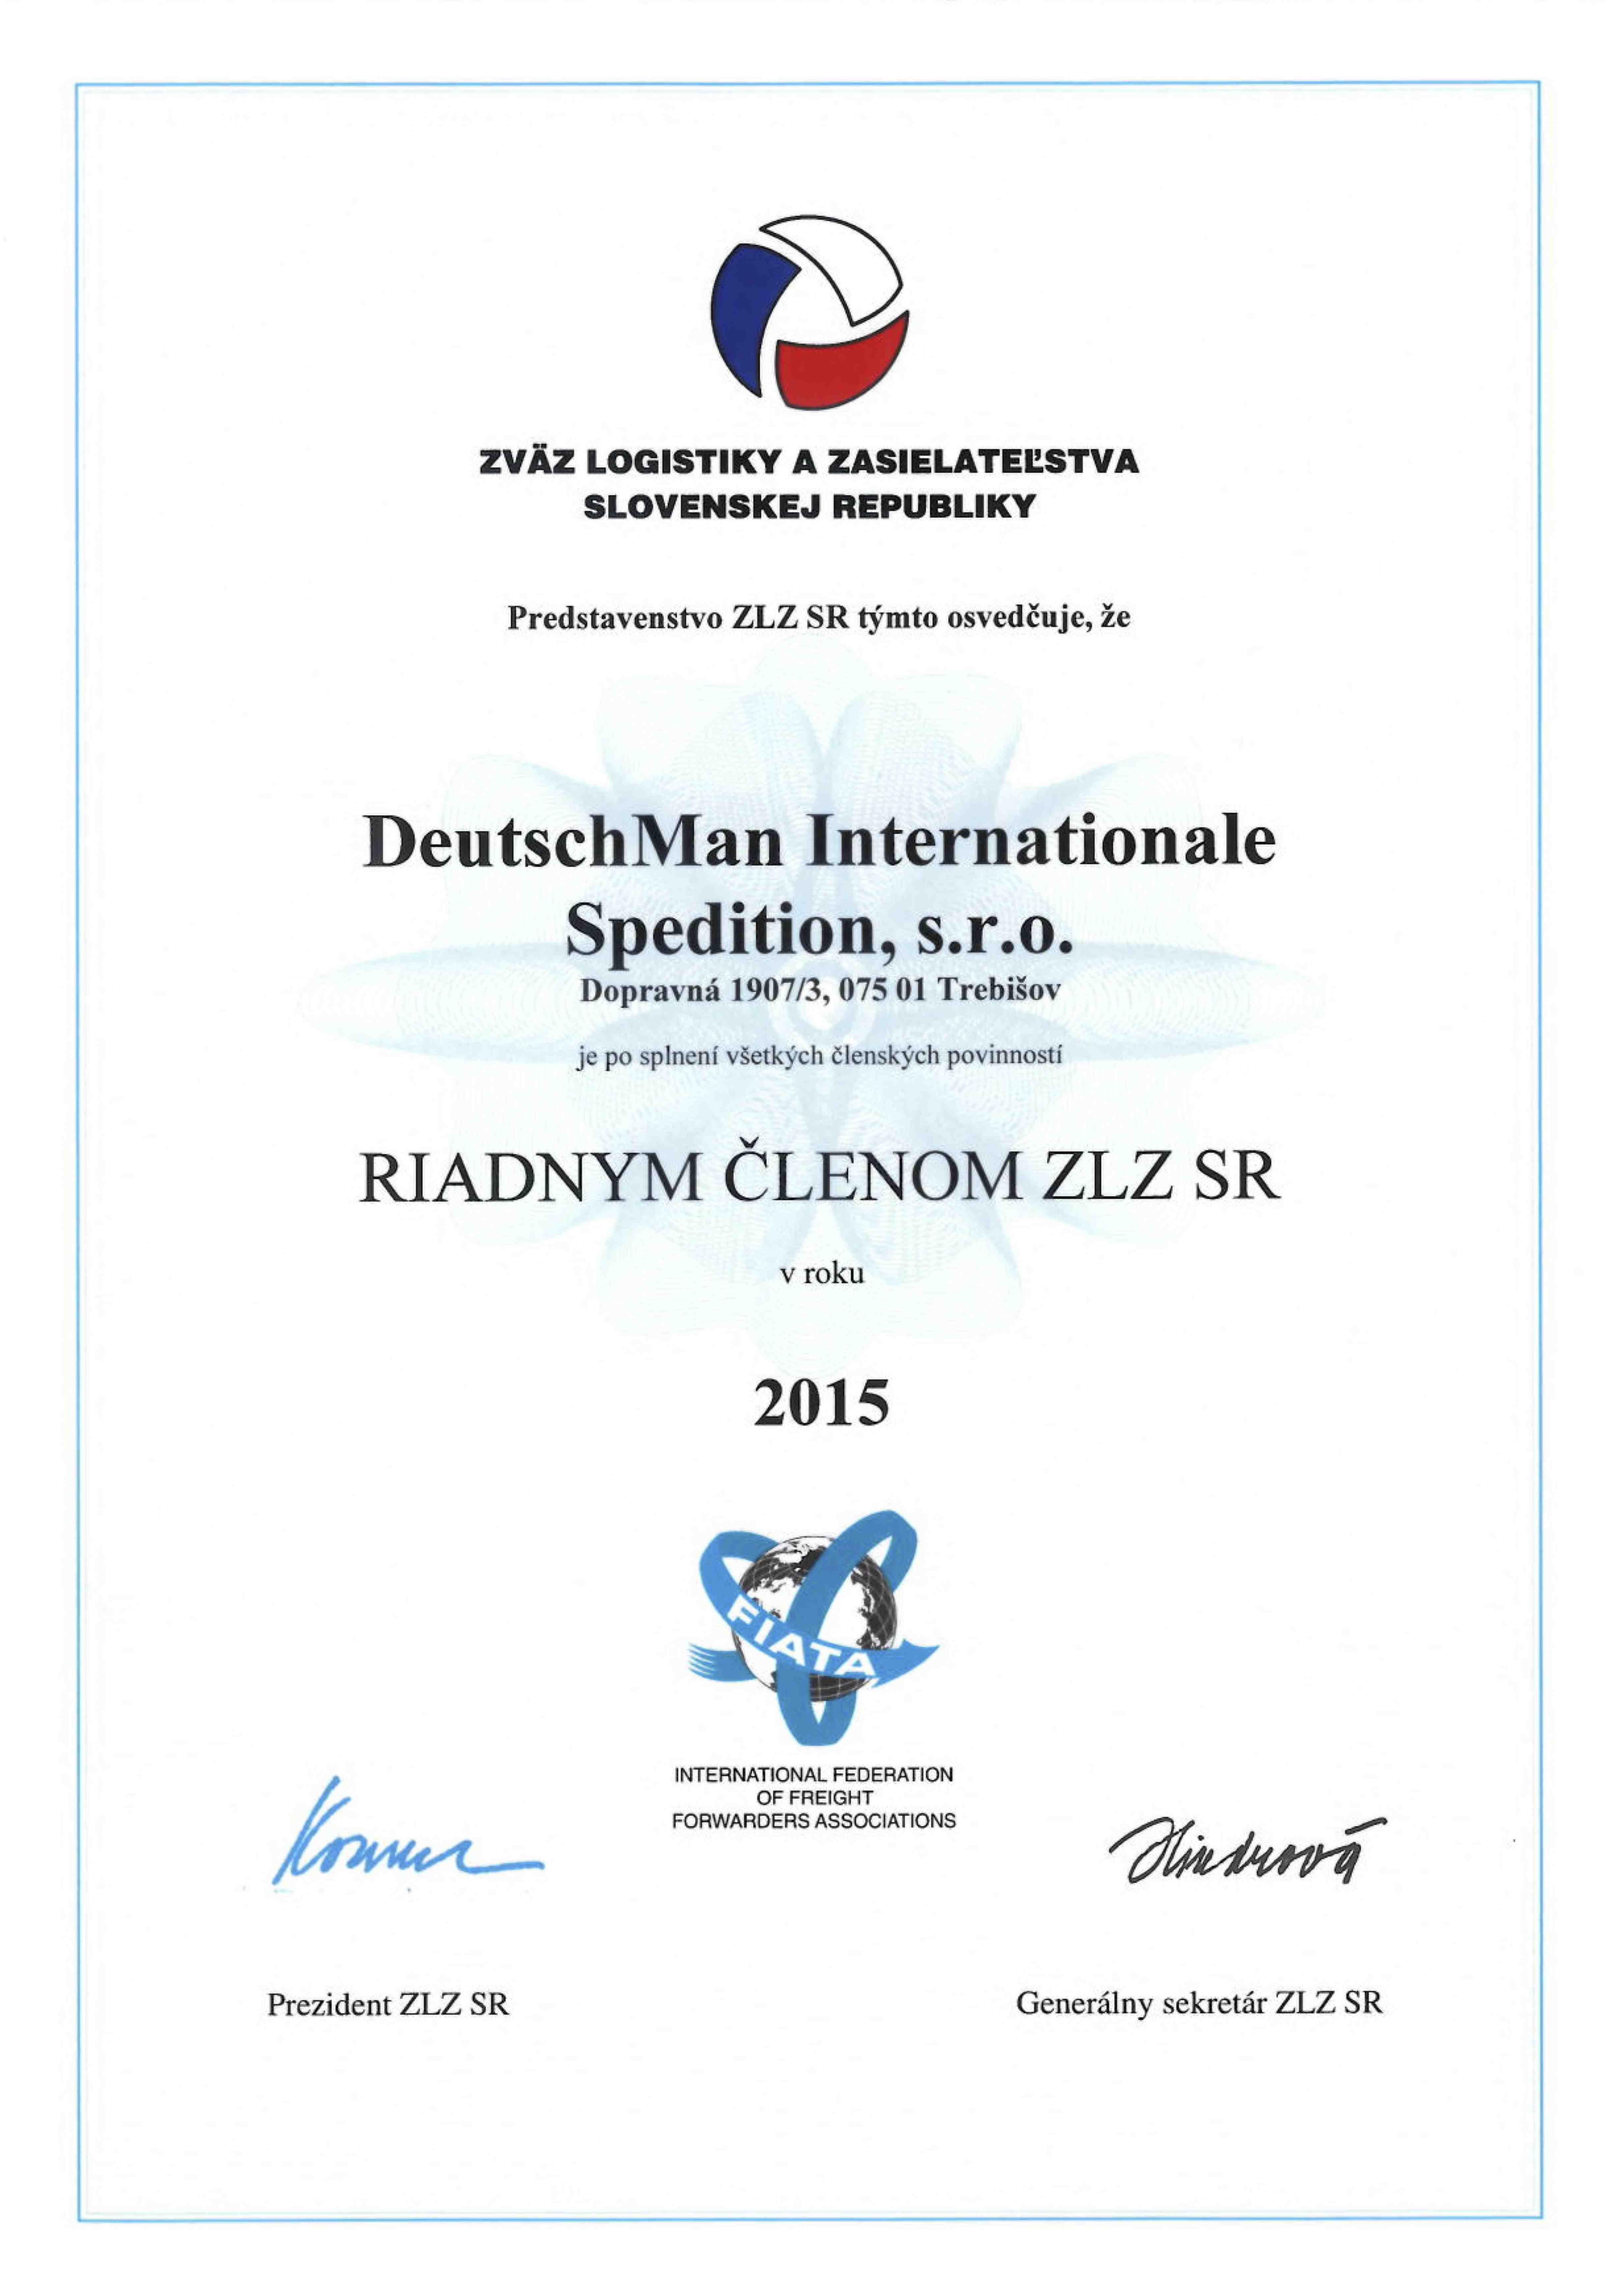 Auszeichnungen - Zertifikate | DeutschMann